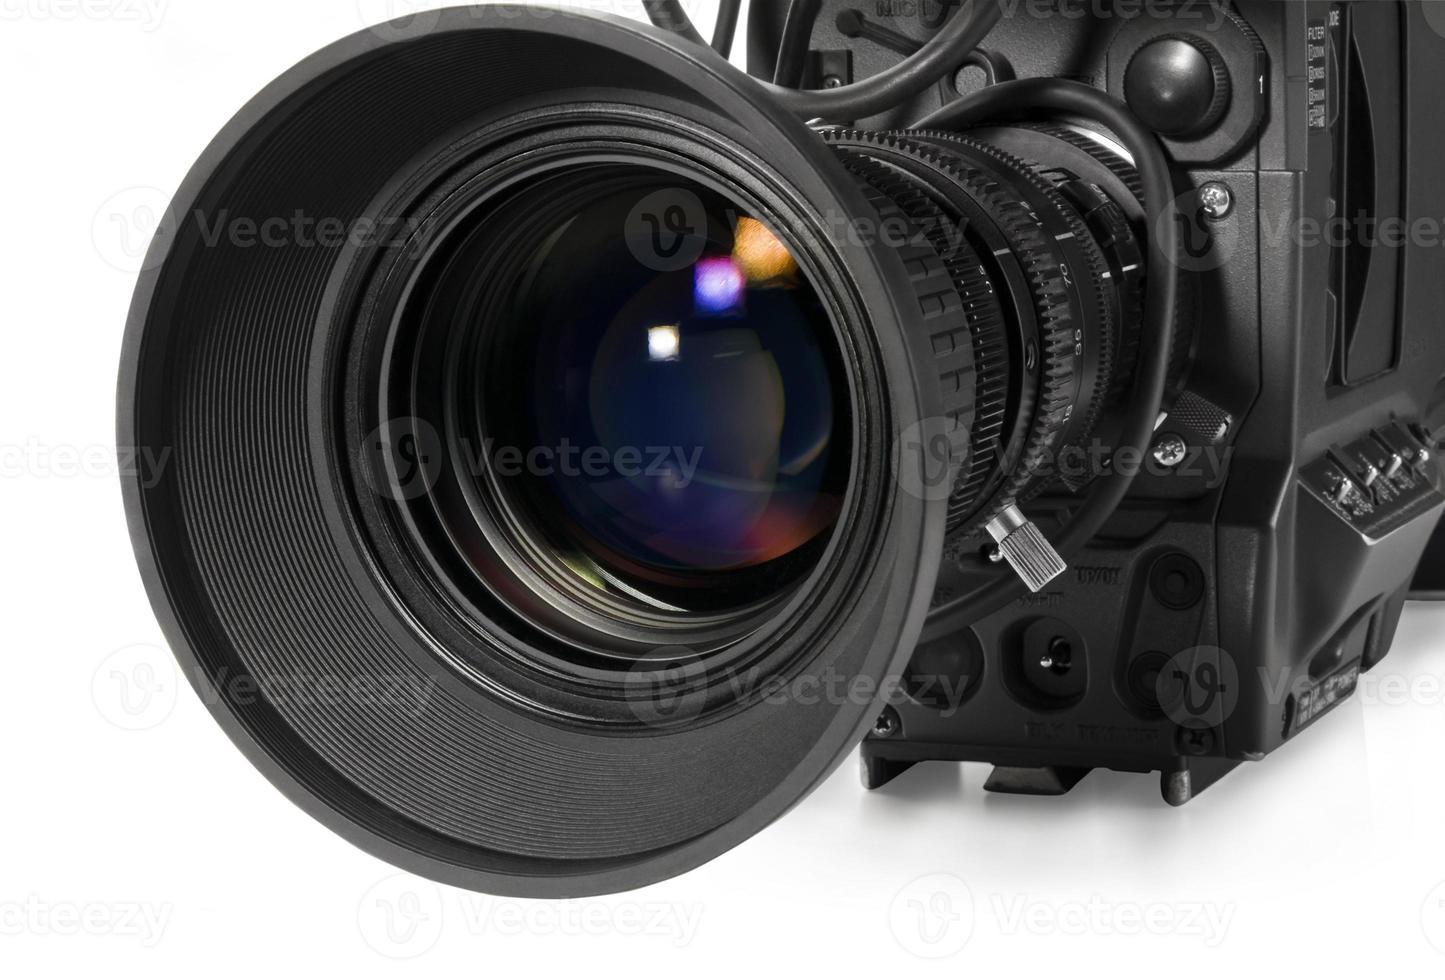 professionele digitale videocamera, geïsoleerd op een witte achtergrond. foto